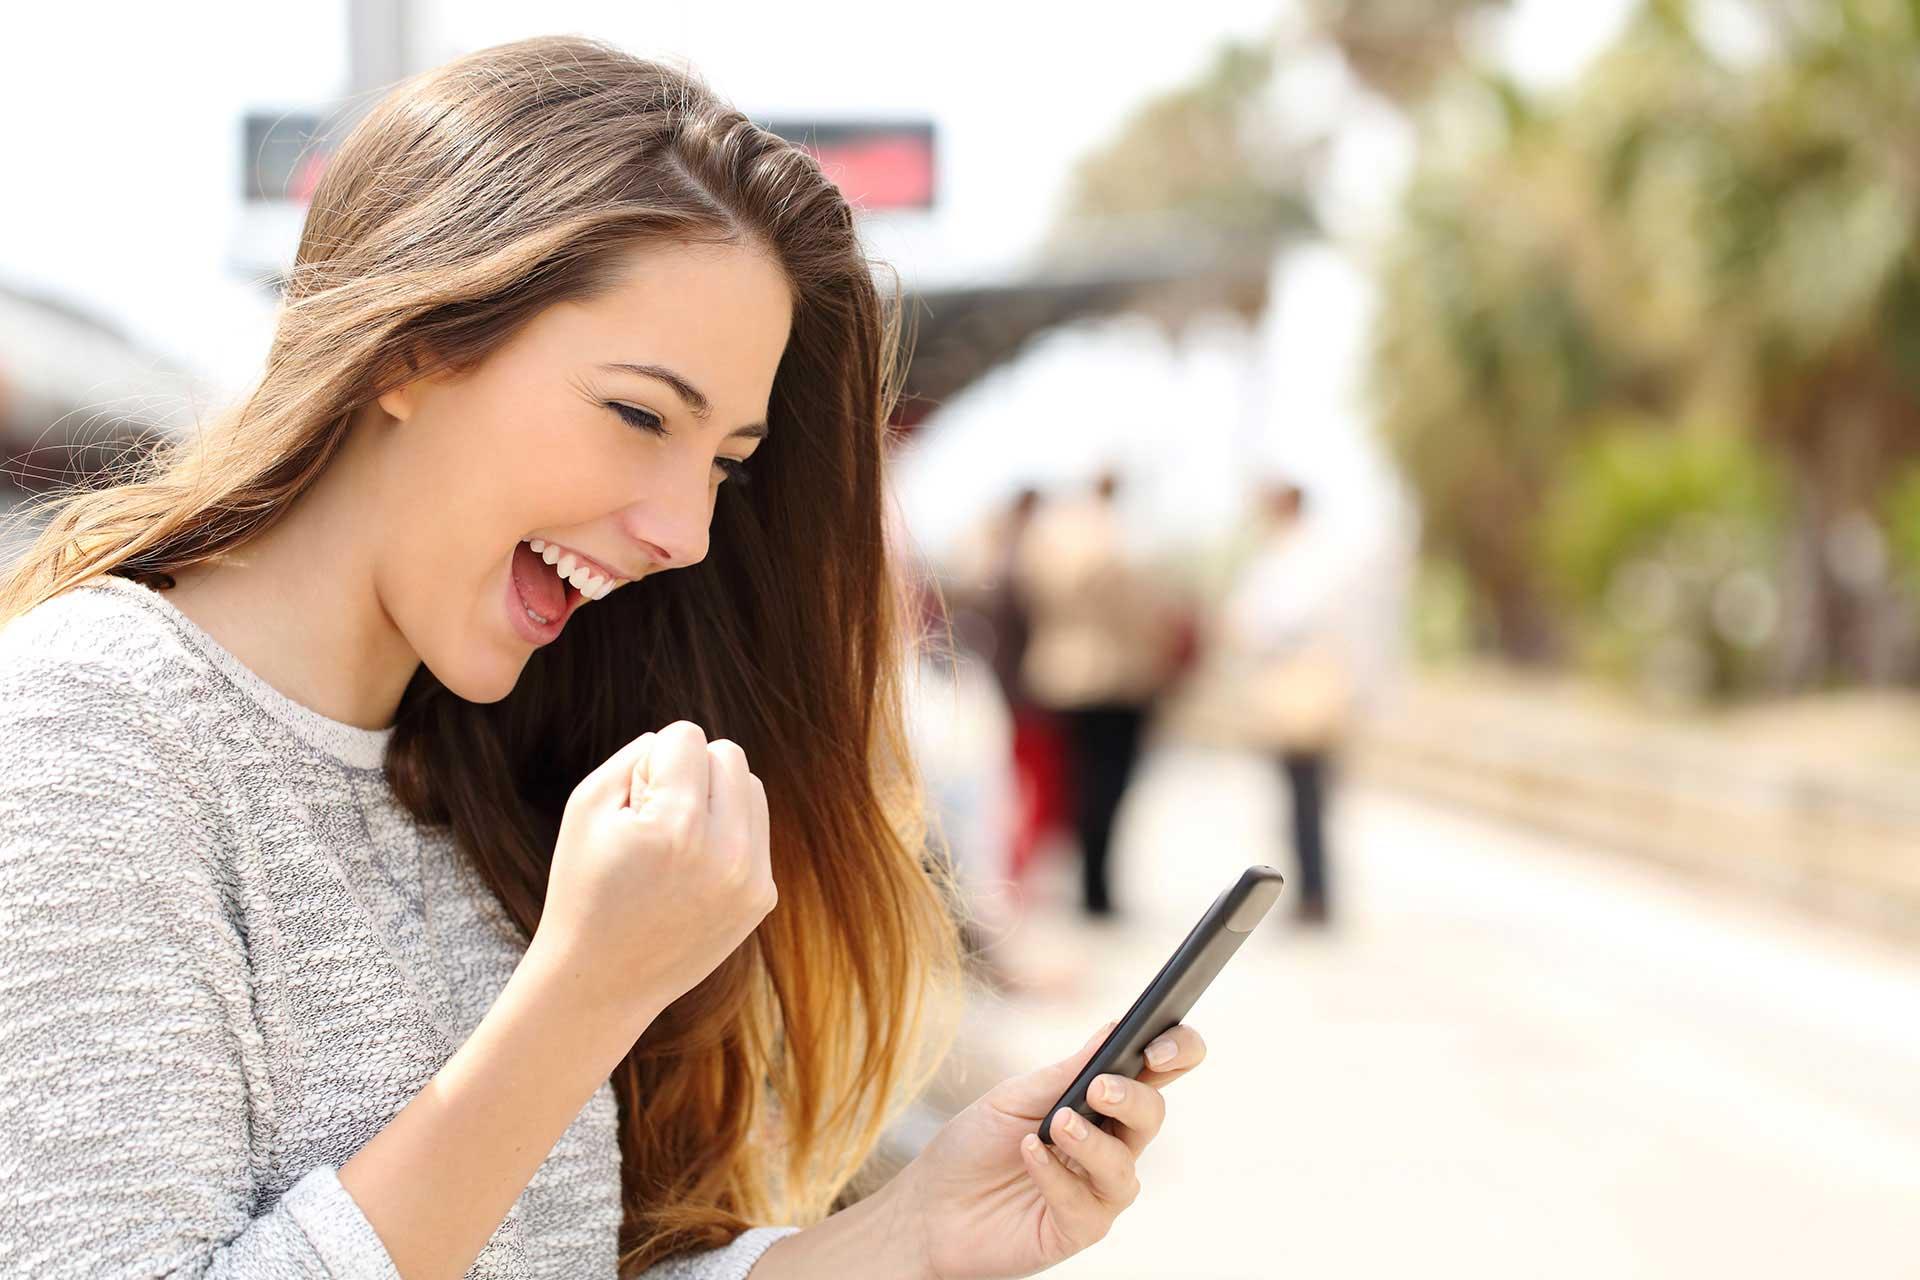 Frau schaut das CHE Ranking auf dem Handy an